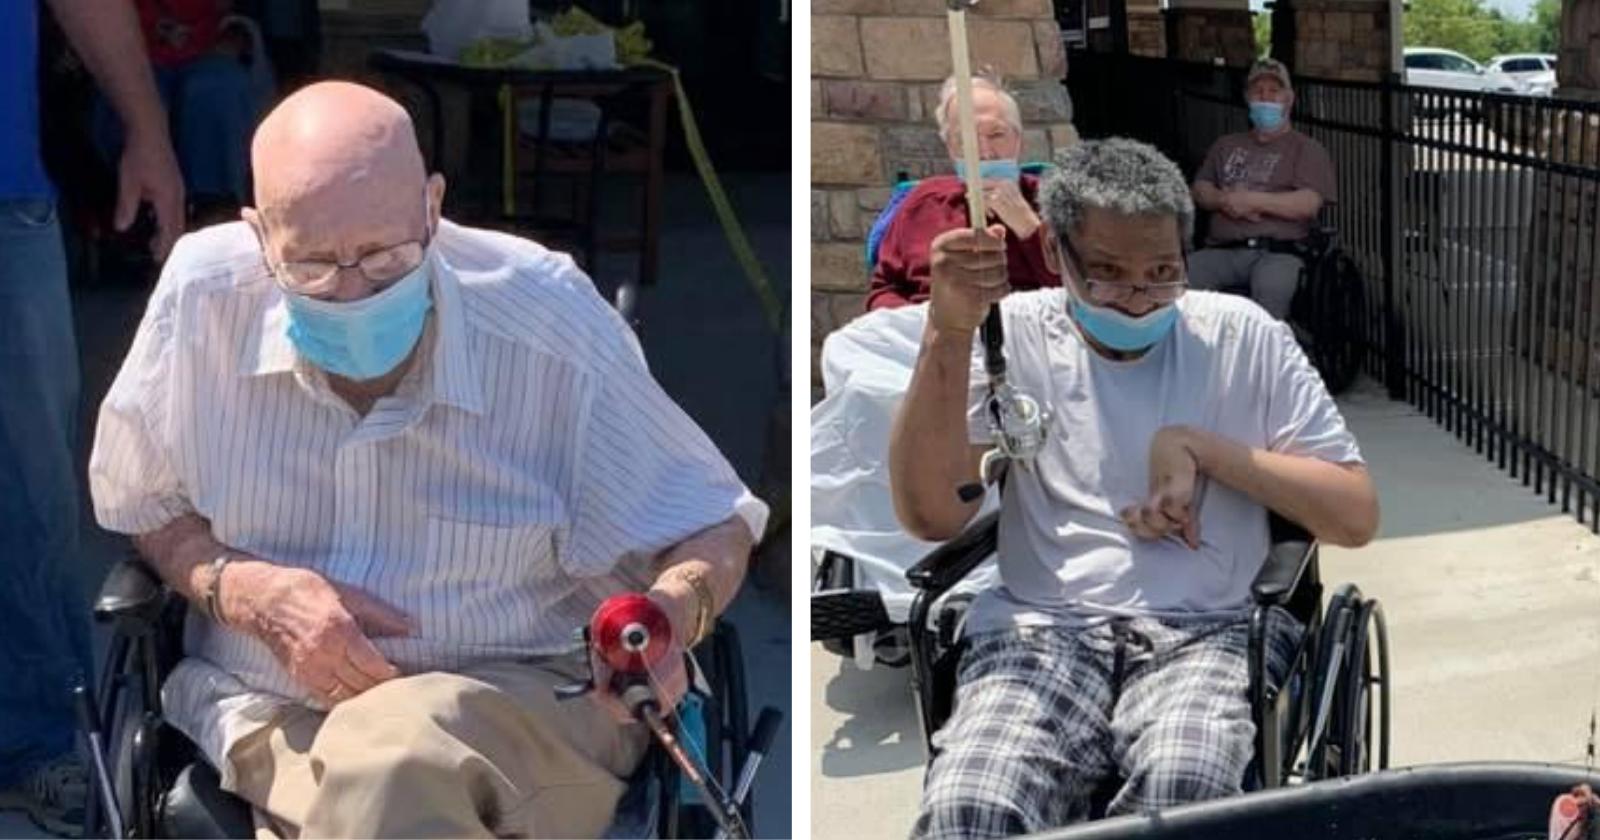 Lar de idosos improvisa pescaria para residentes e as reações são as melhores!